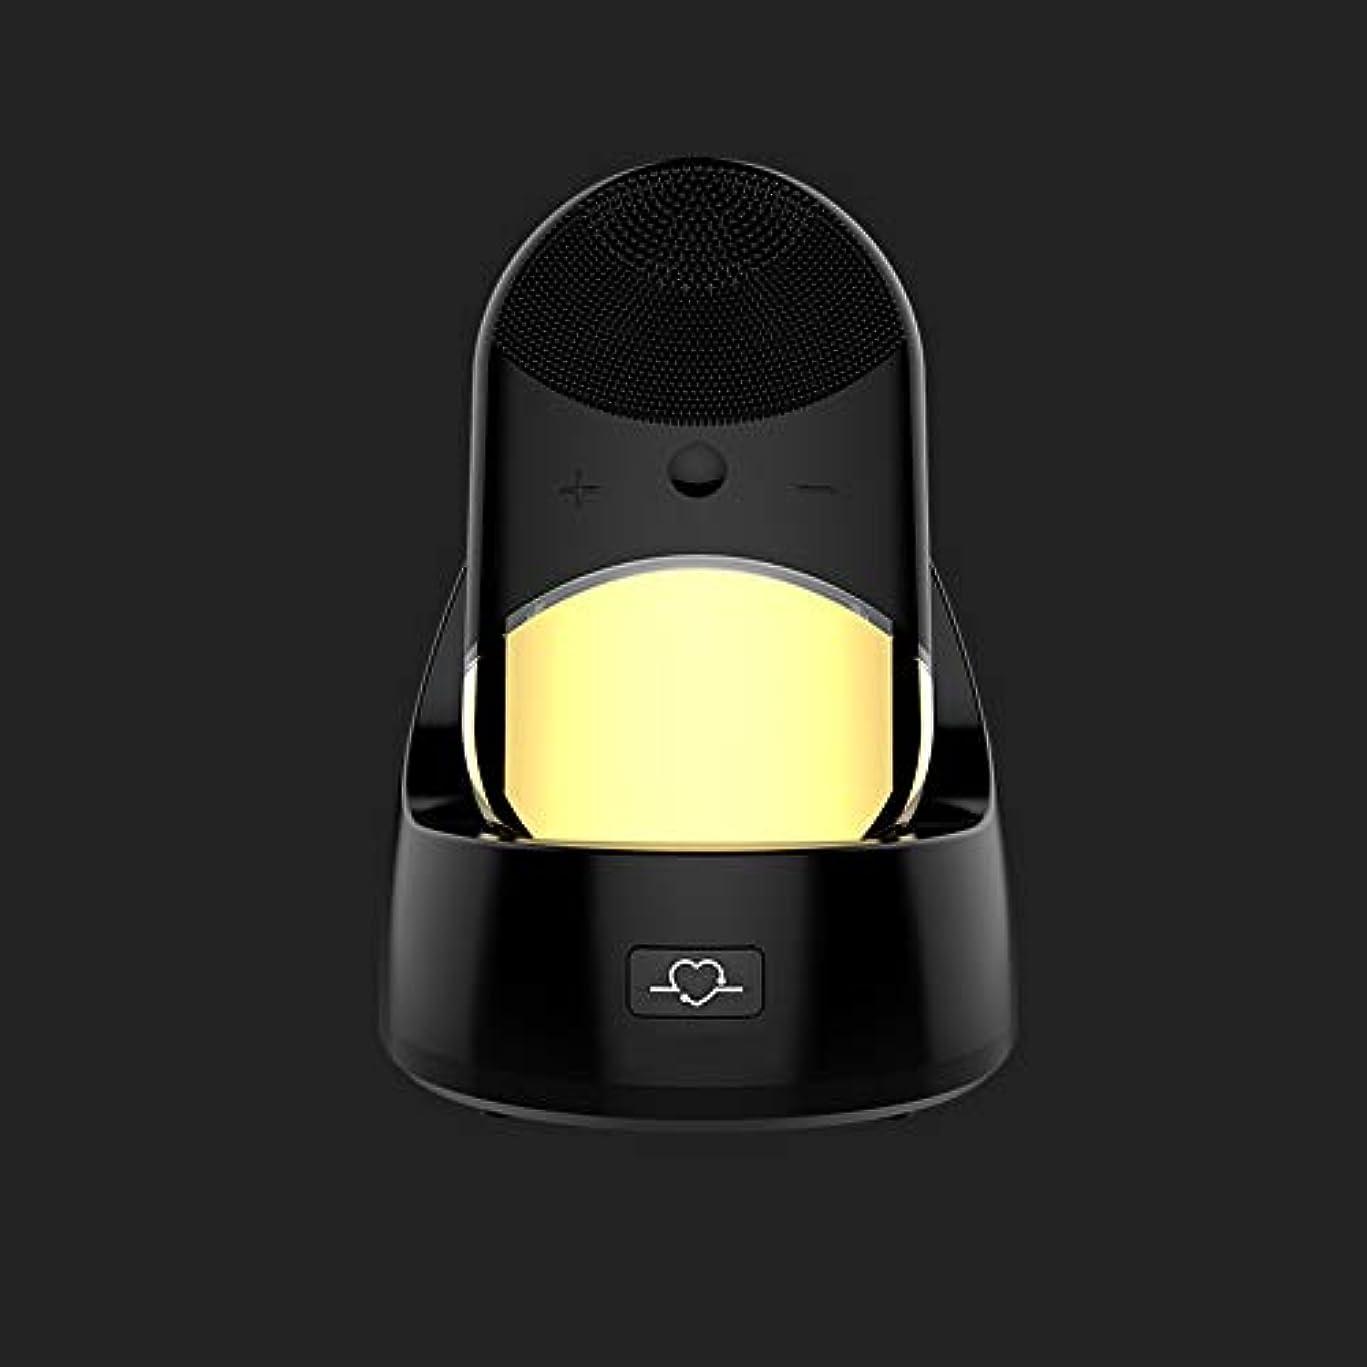 硬いどこかドラッグZXF 新しい充電式シリコーン電気クレンジングブラシ45度マイルドとディープクリーンポア防水クレンジング器具マッサージ器具美容器具 滑らかである (色 : Black)